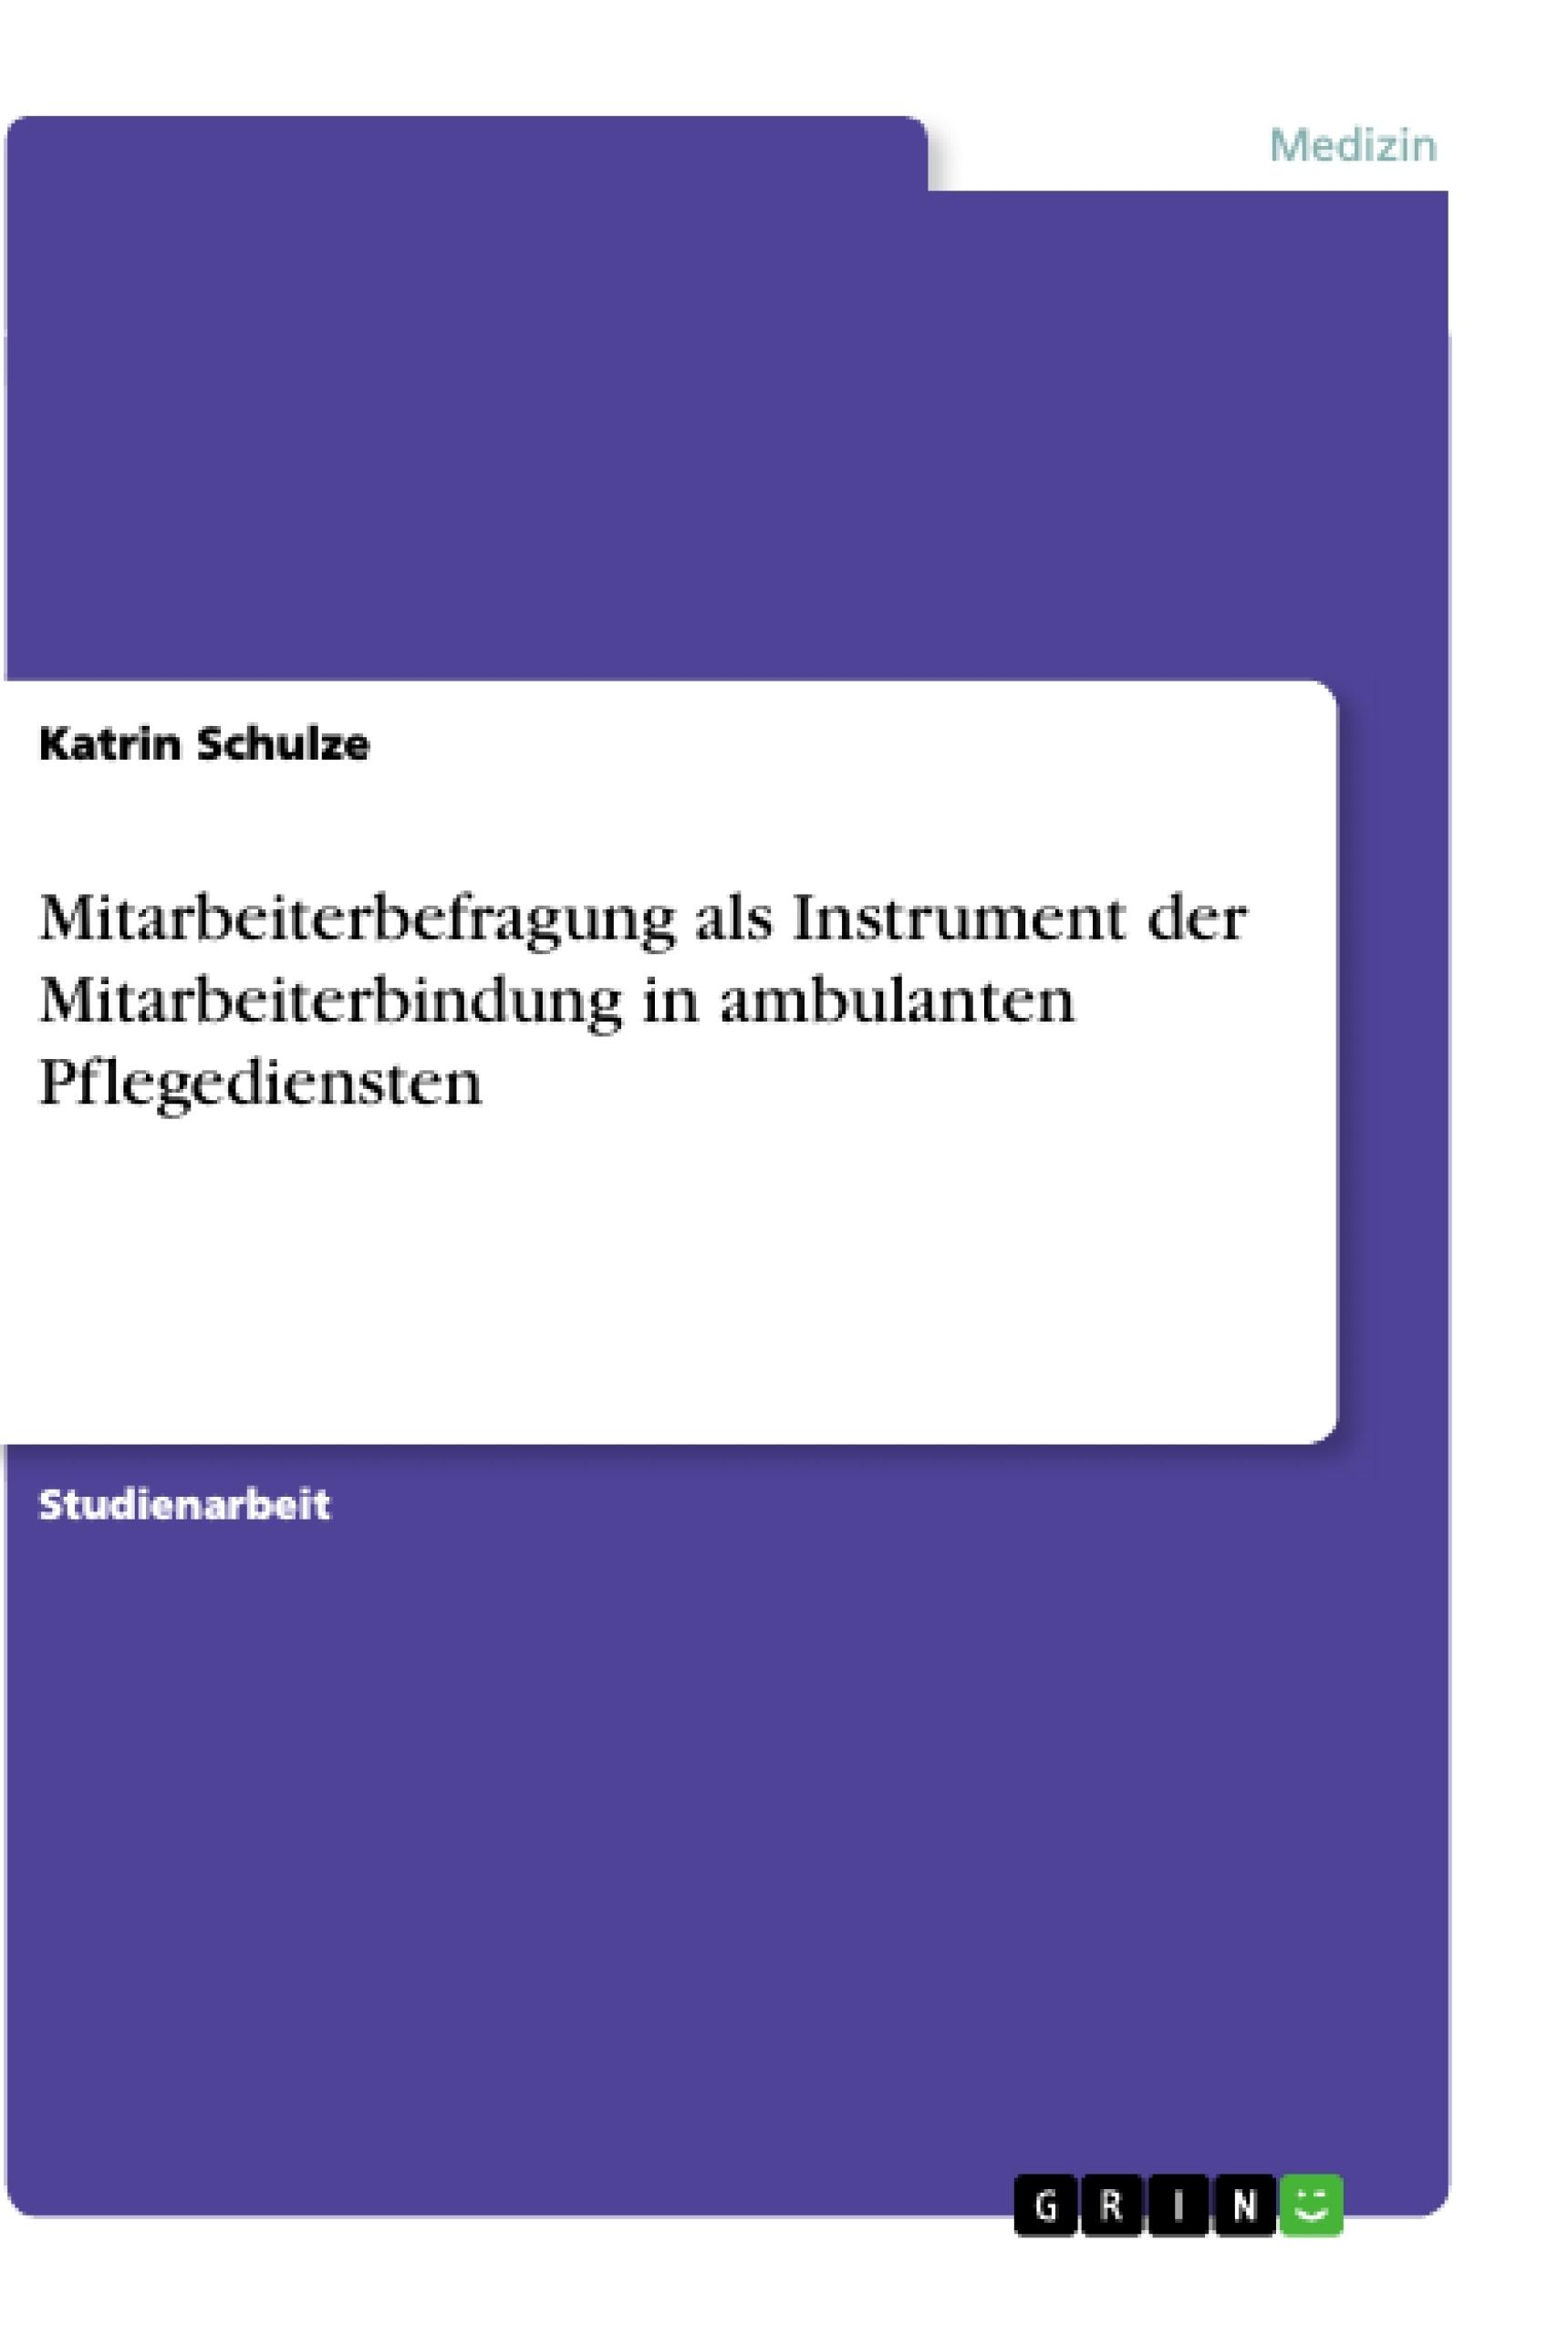 Titel: Mitarbeiterbefragung als Instrument der Mitarbeiterbindung in ambulanten Pflegediensten